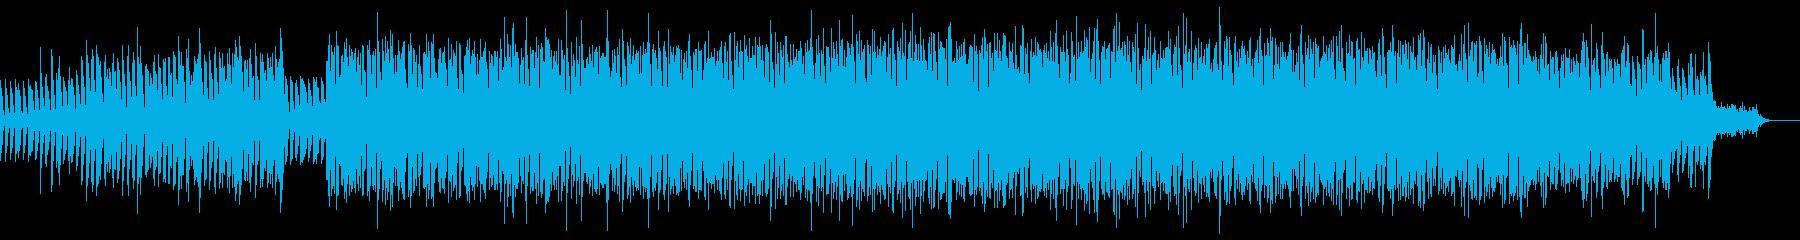 電気楽器。風変わりなロボット配信。...の再生済みの波形